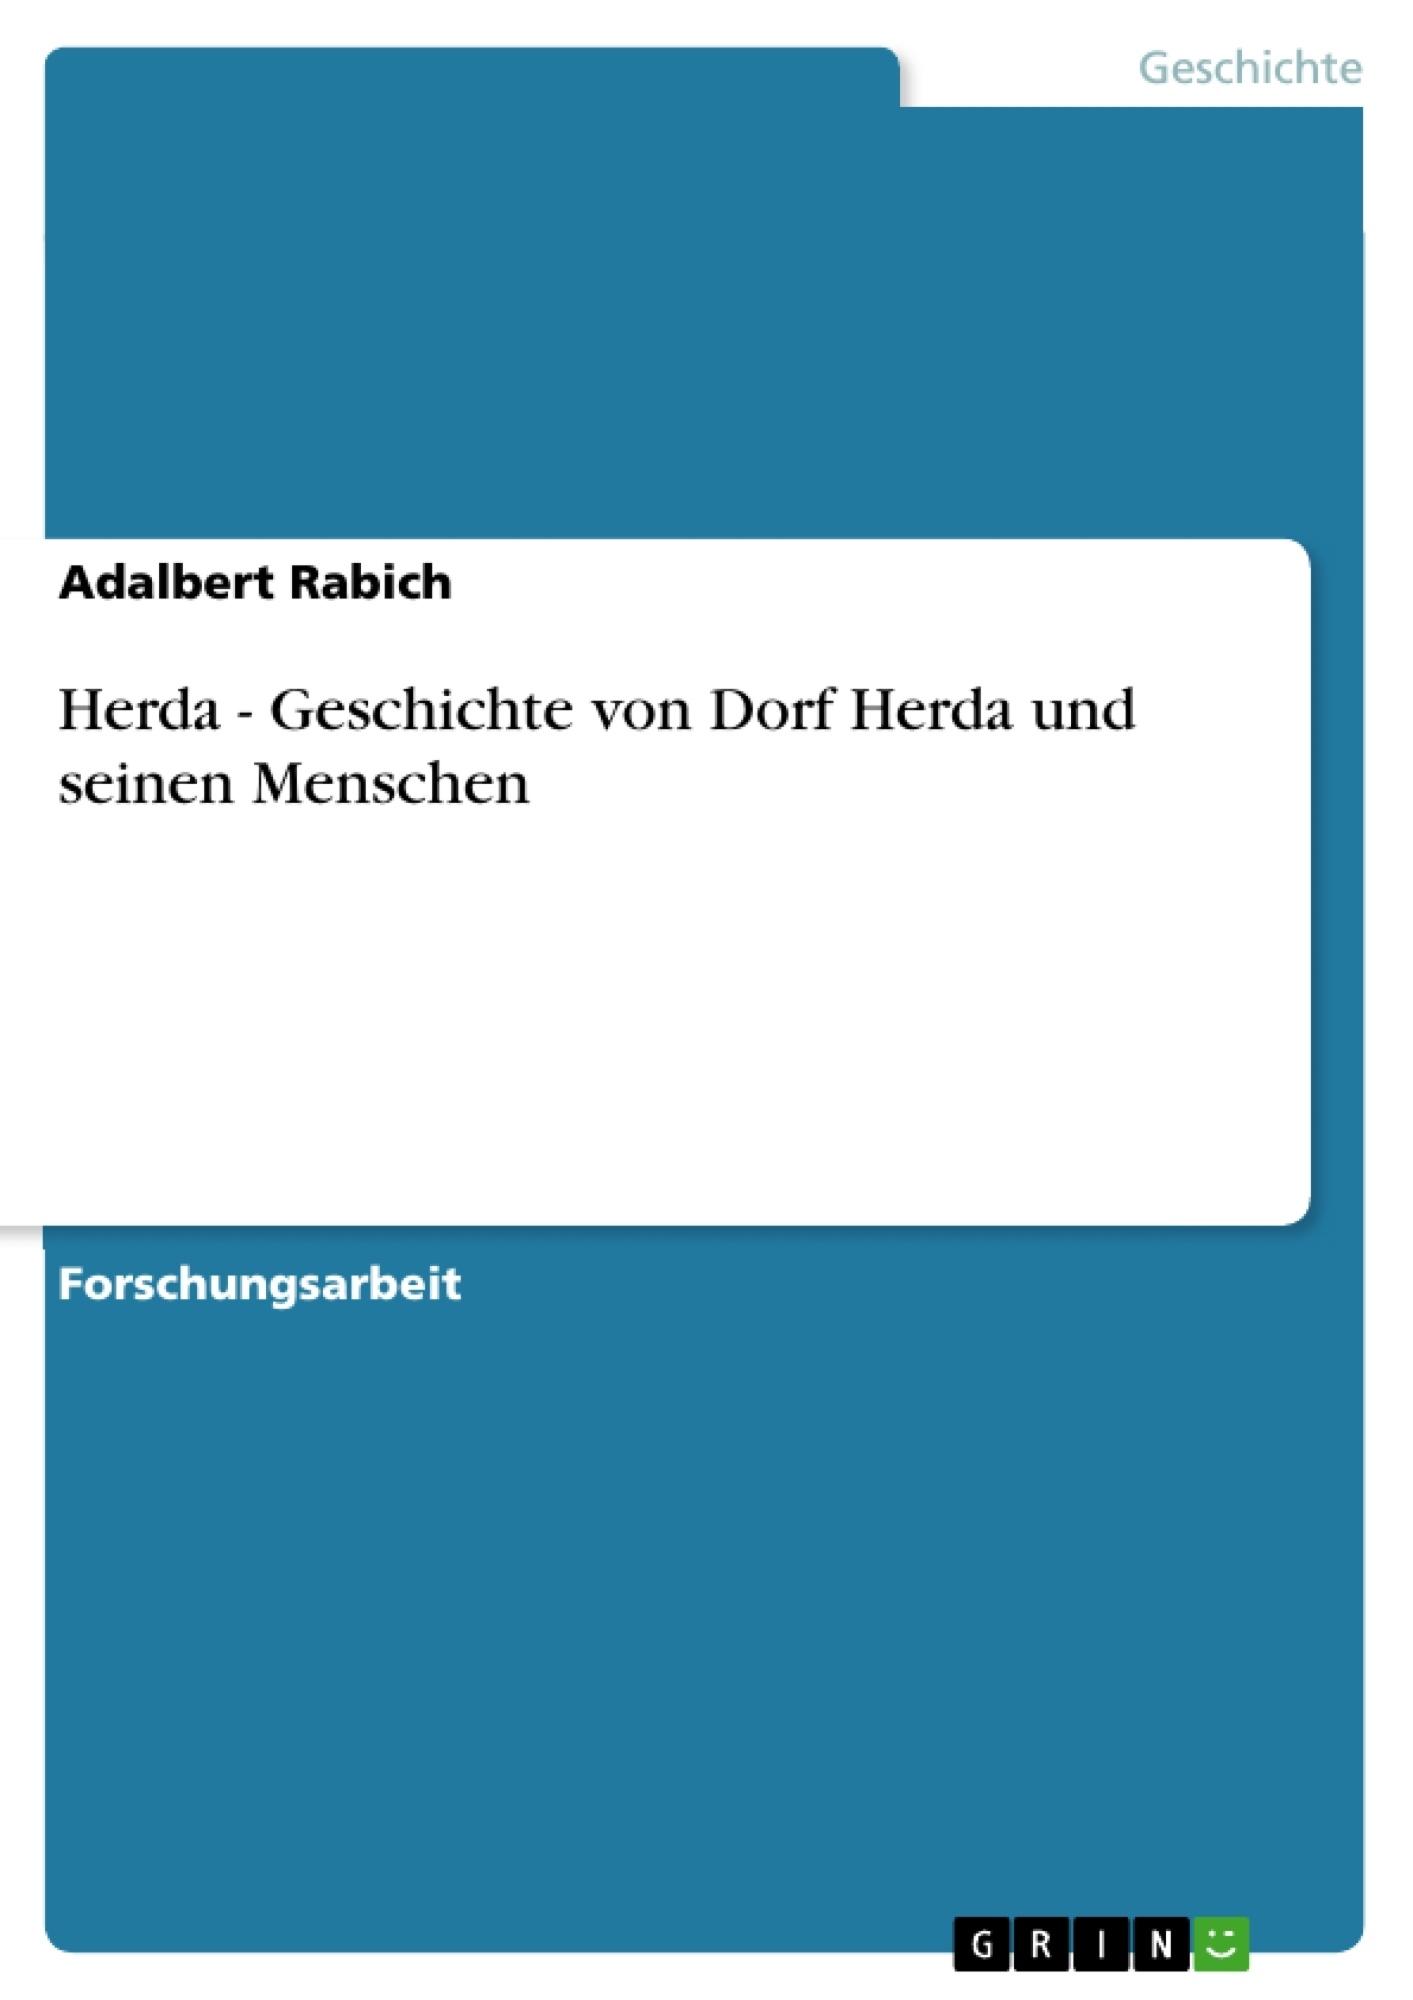 Titel: Herda - Geschichte von Dorf Herda und seinen Menschen